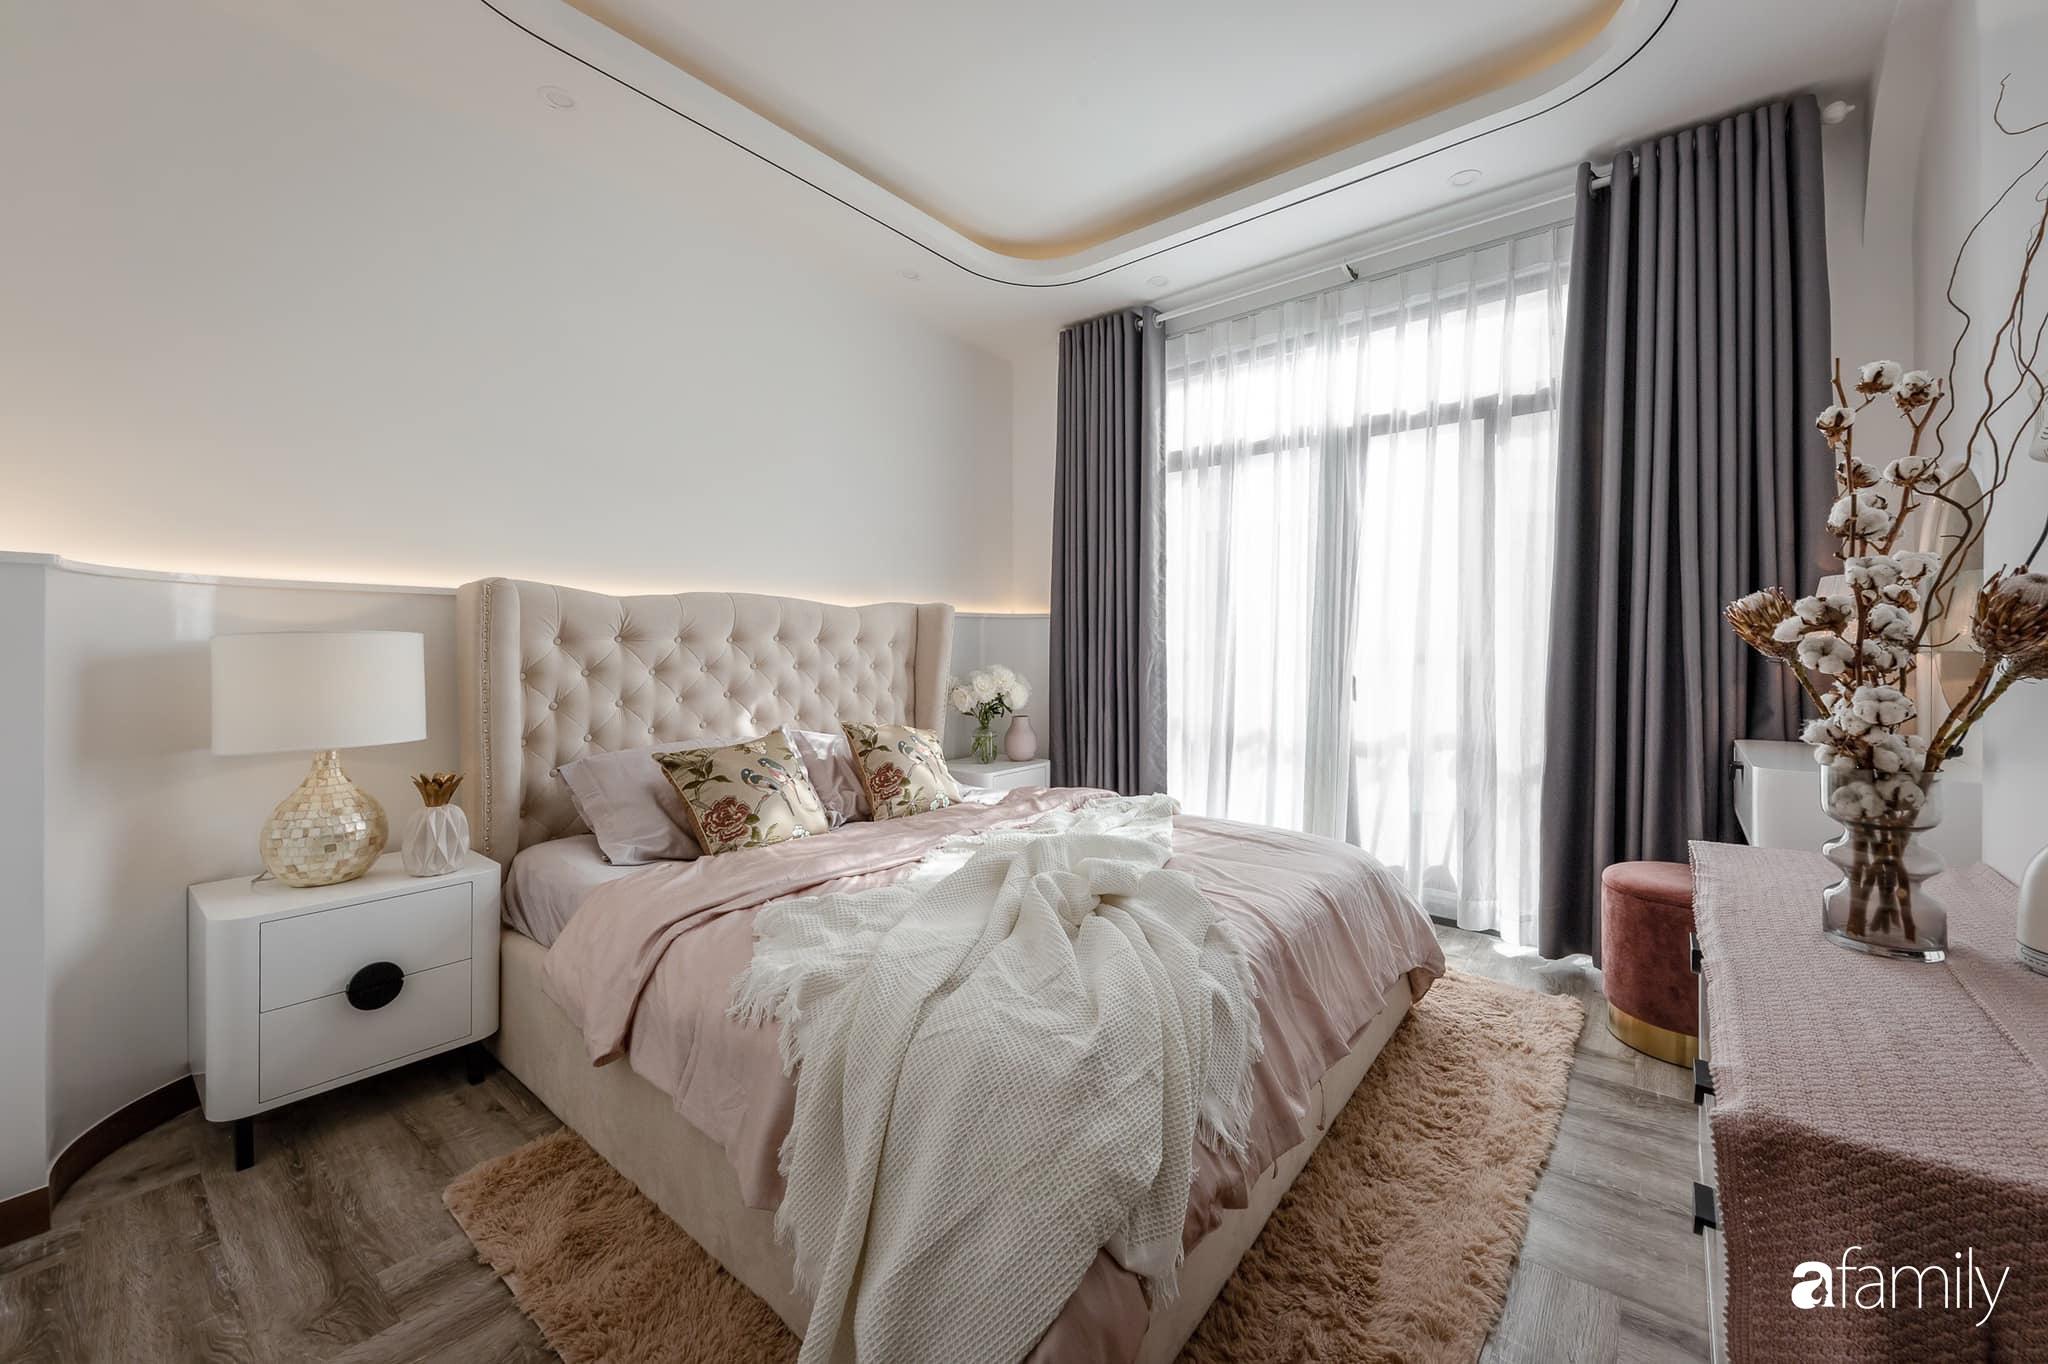 Căn nhà 5 tầng trong hẻm sang chảnh như resort cao cấp với chi phí thiết kế 900 triệu đồng ở TP HCMHCM - Ảnh 14.